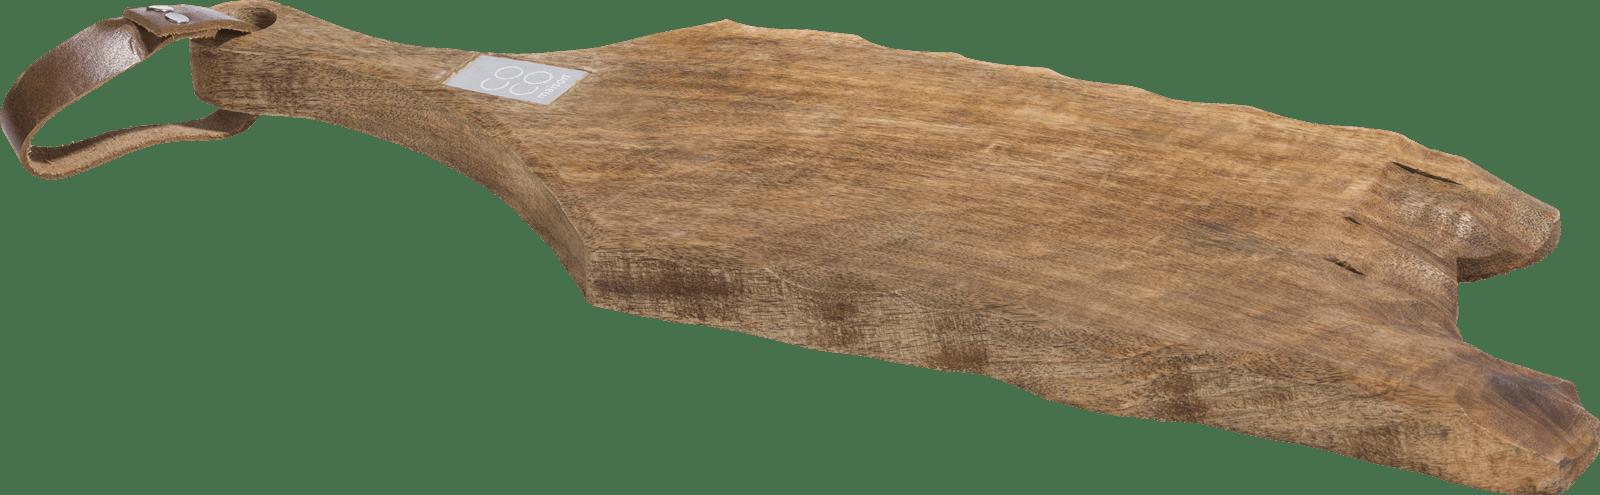 Coco Maison - planche a decouper manilla - 20 x 64 cm